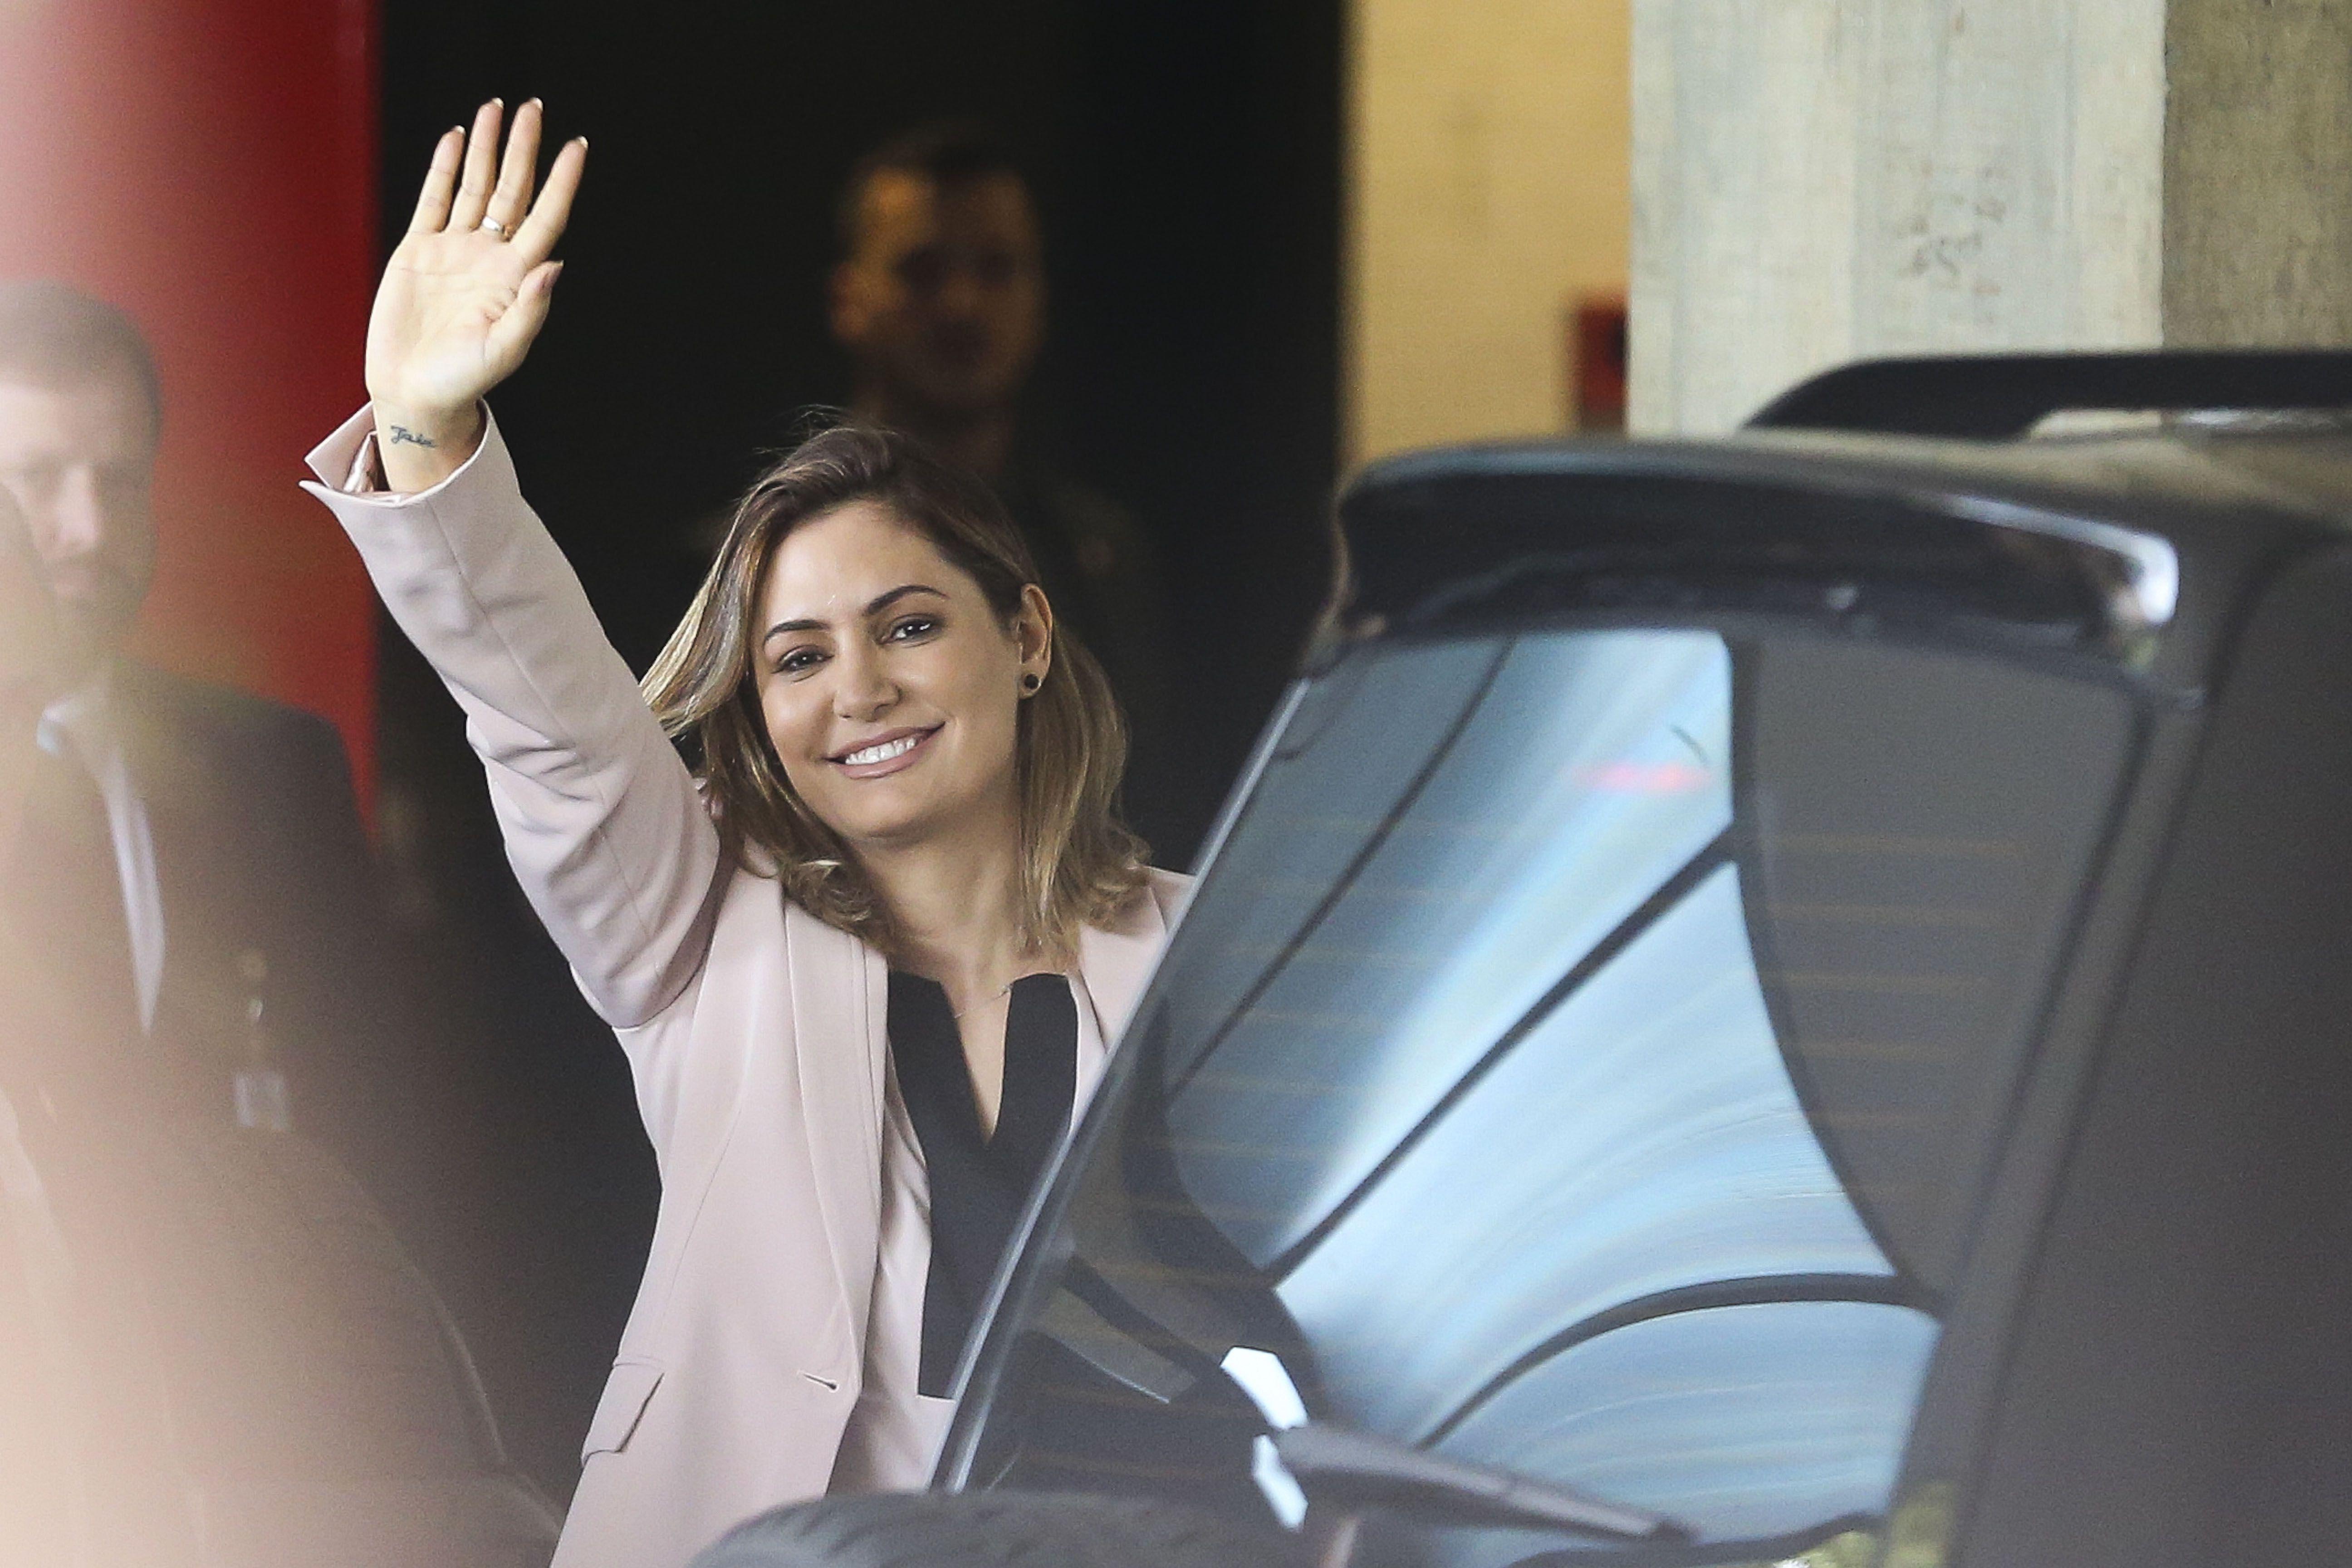 Bolsogate: Líder do PT quer investigação sobre transações suspeitas envolvendo ex-motorista de Flávio Bolsonaro e futura primeira dama; leia íntegra